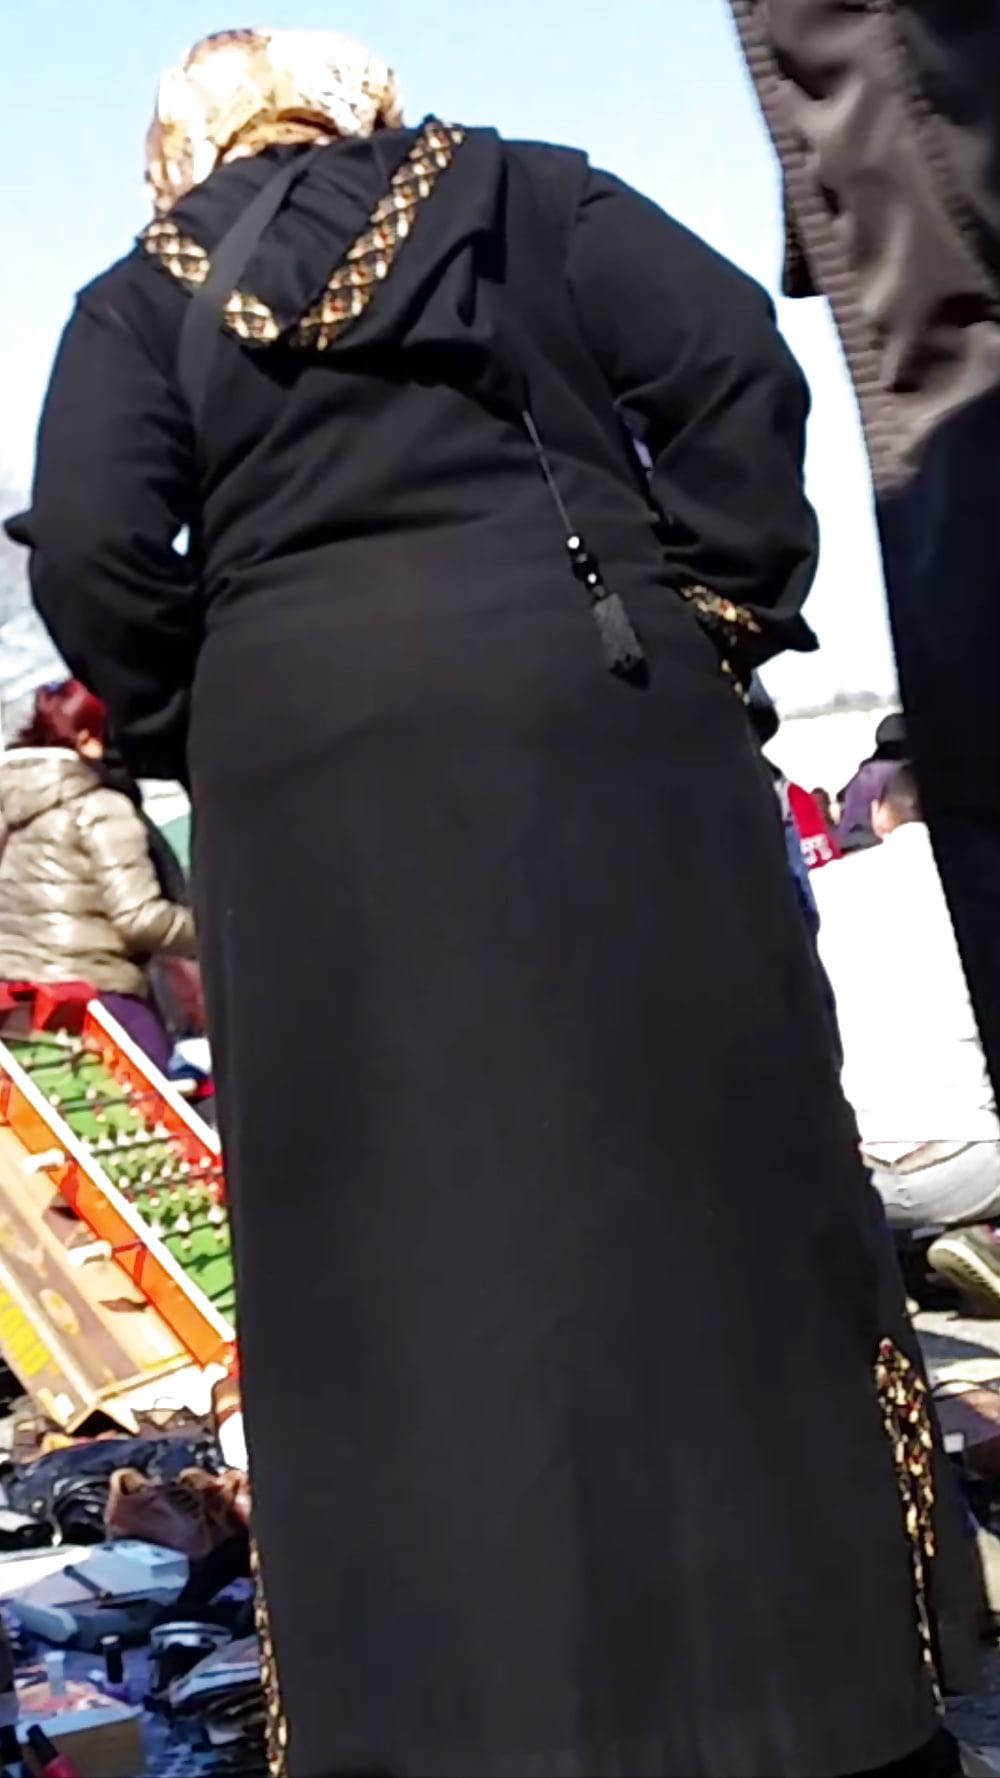 9ahba marocaine nike avec noir - 1 part 7